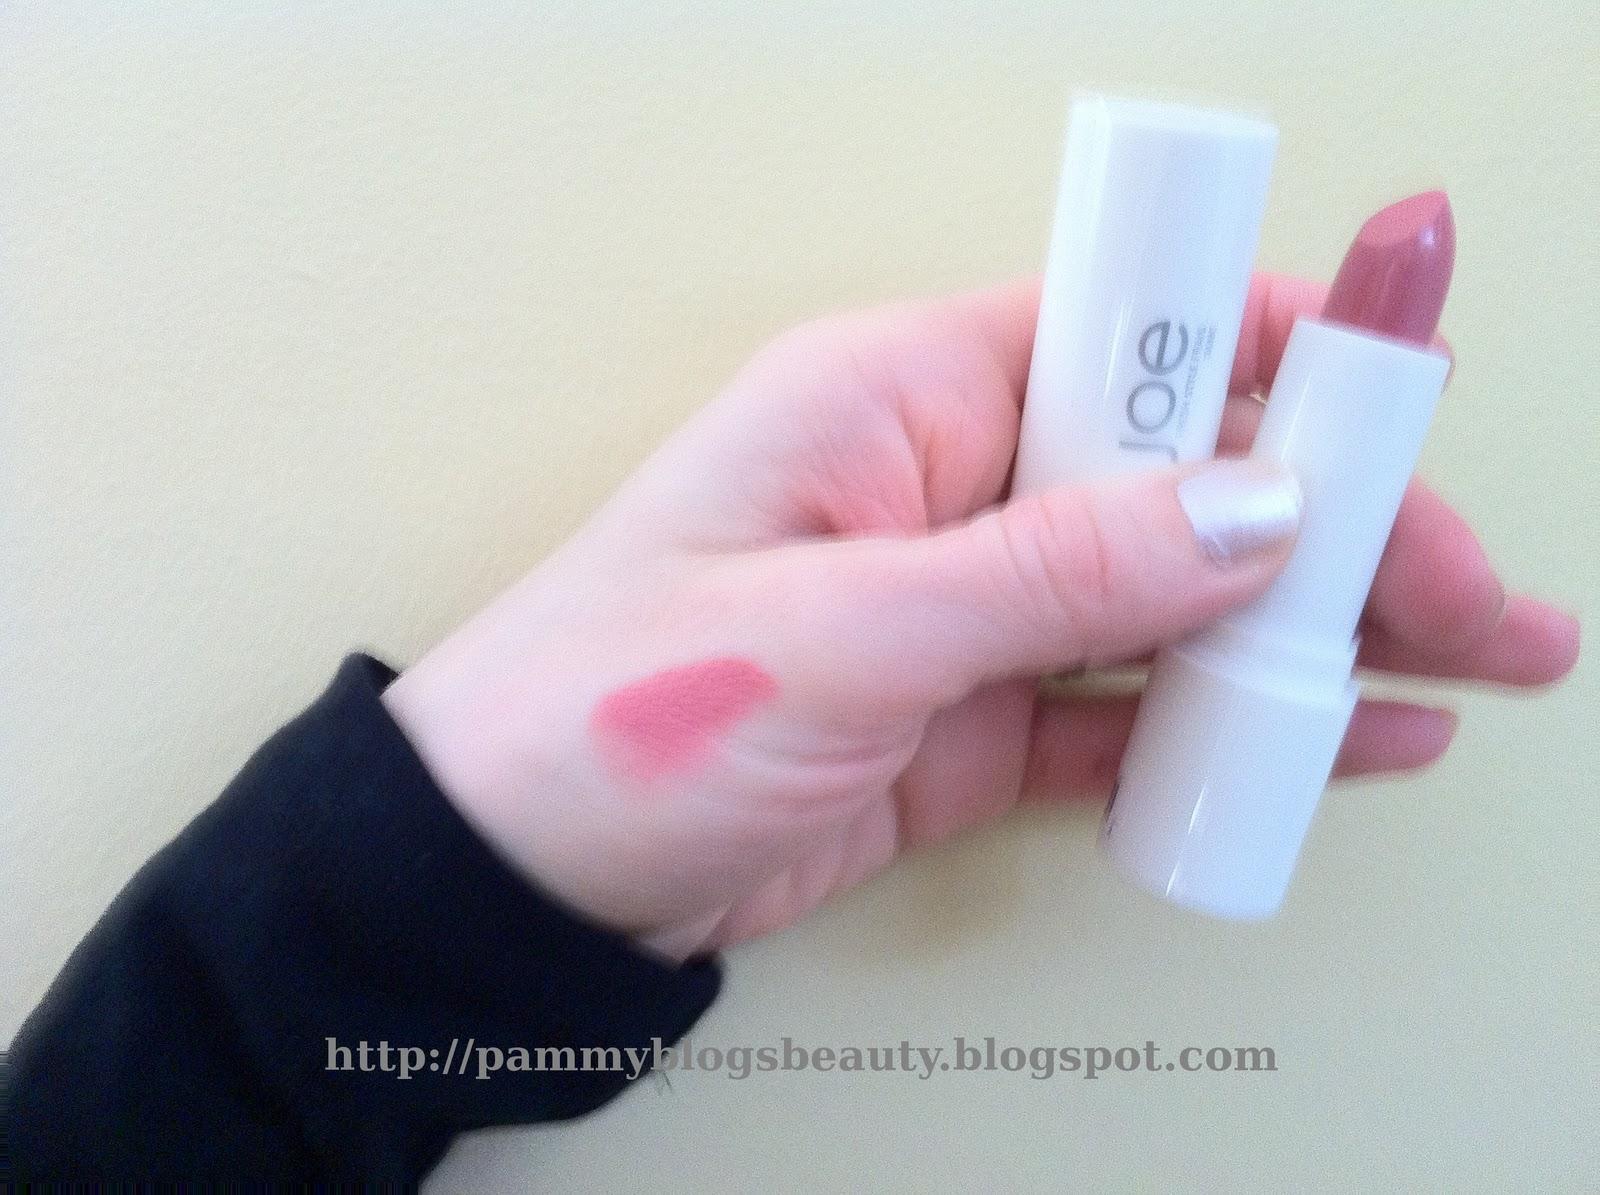 Pammy Blogs Beauty: Joe Fresh Style Cosmetics: Lipstick, Lipgloss ...